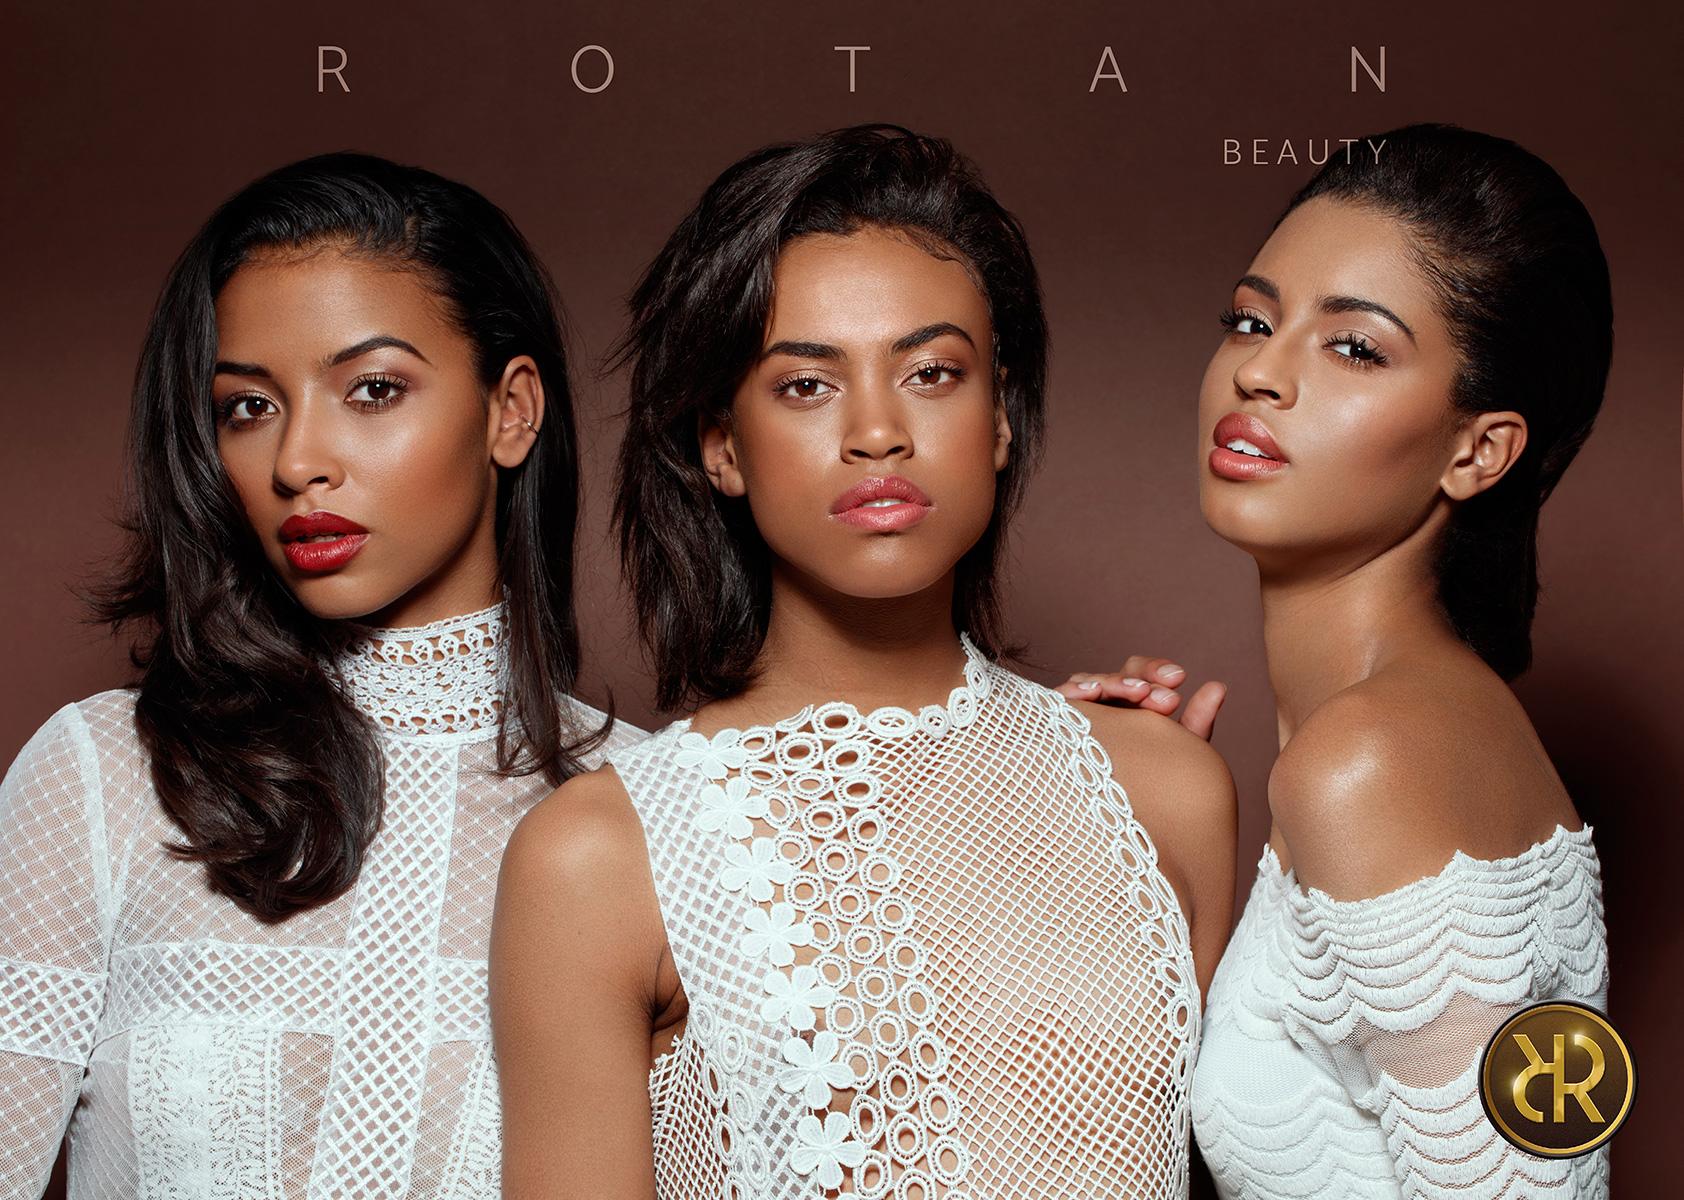 rotan beauty